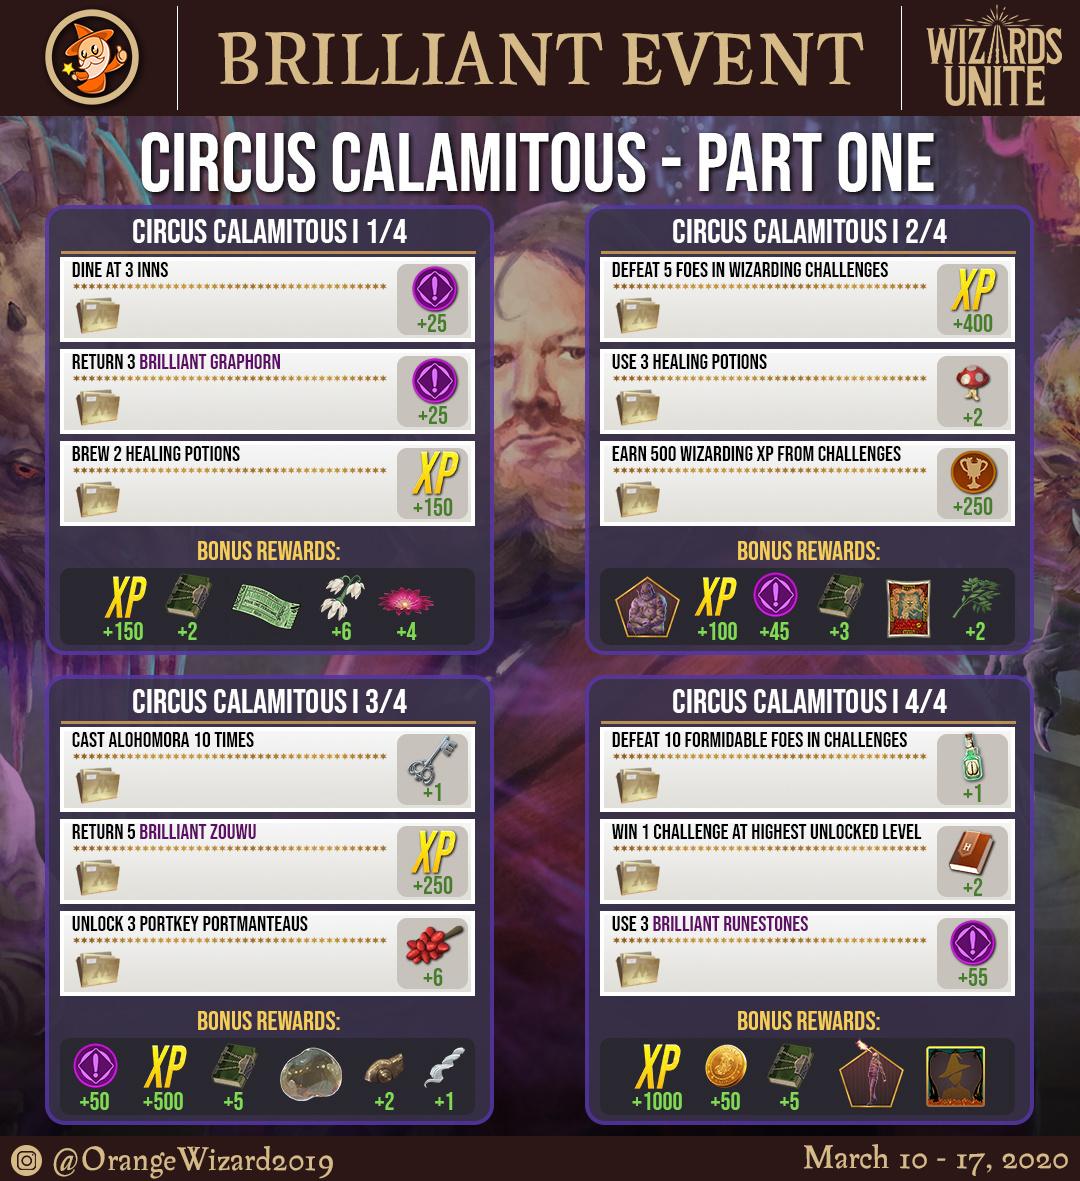 BRILLIANT_EVENT_-_CIRCUS_CALAMITOUS_I_-_TASKS__REWARDS.jpg